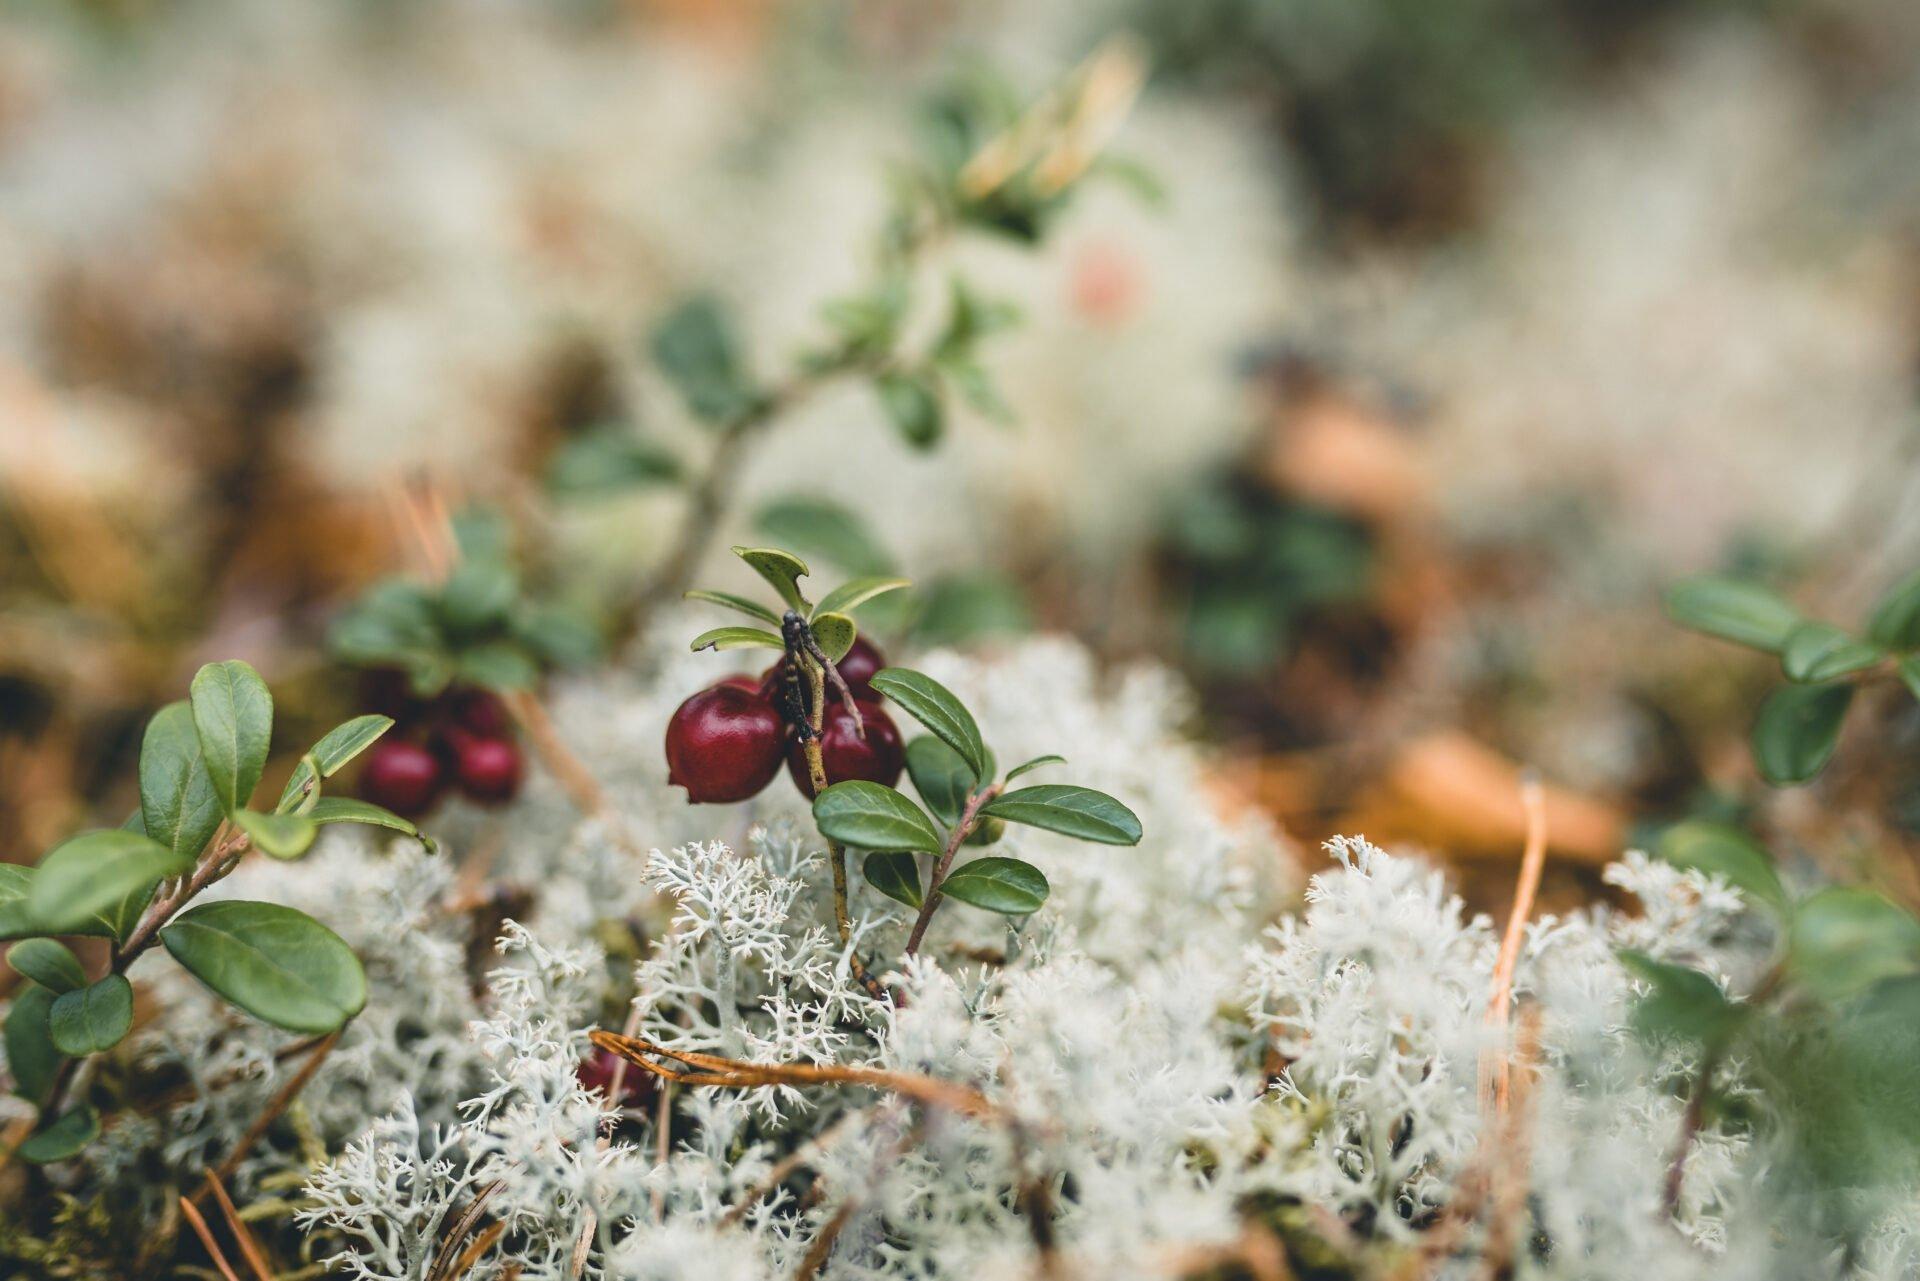 tyttebær